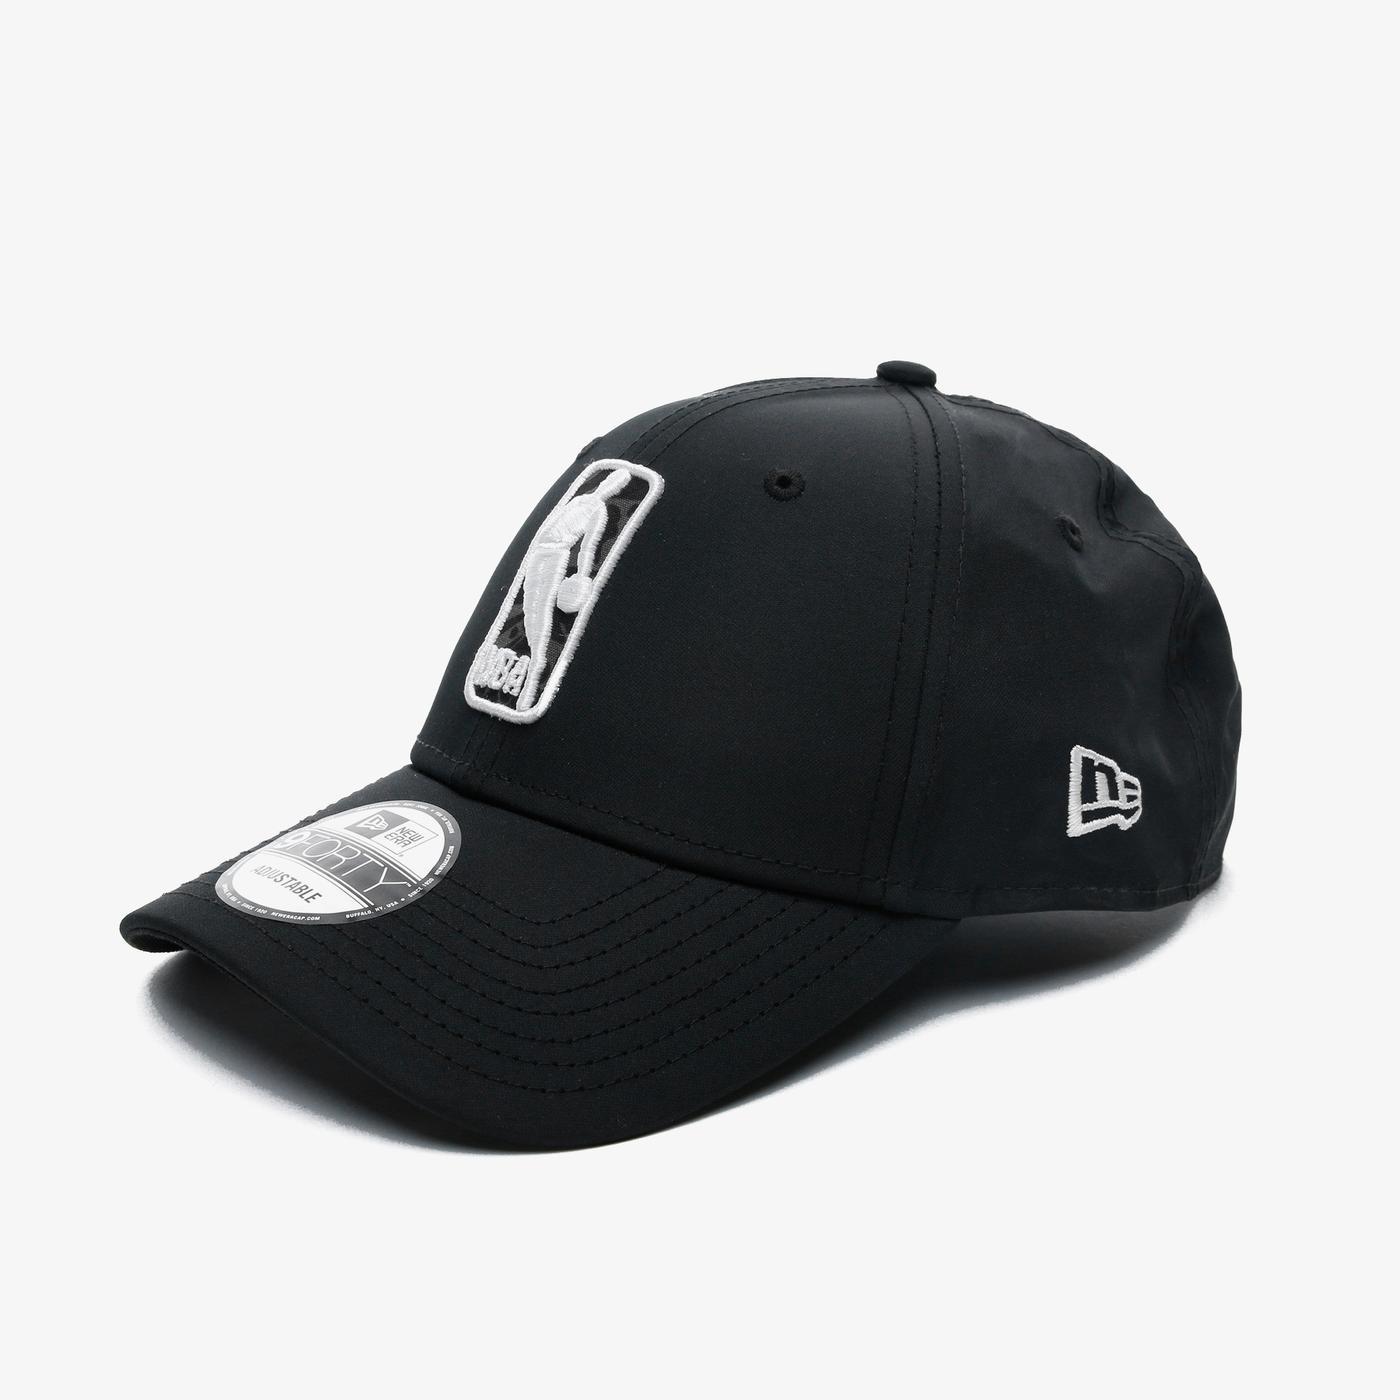 New Era Jerry West 940 Çocuk Siyah Şapka